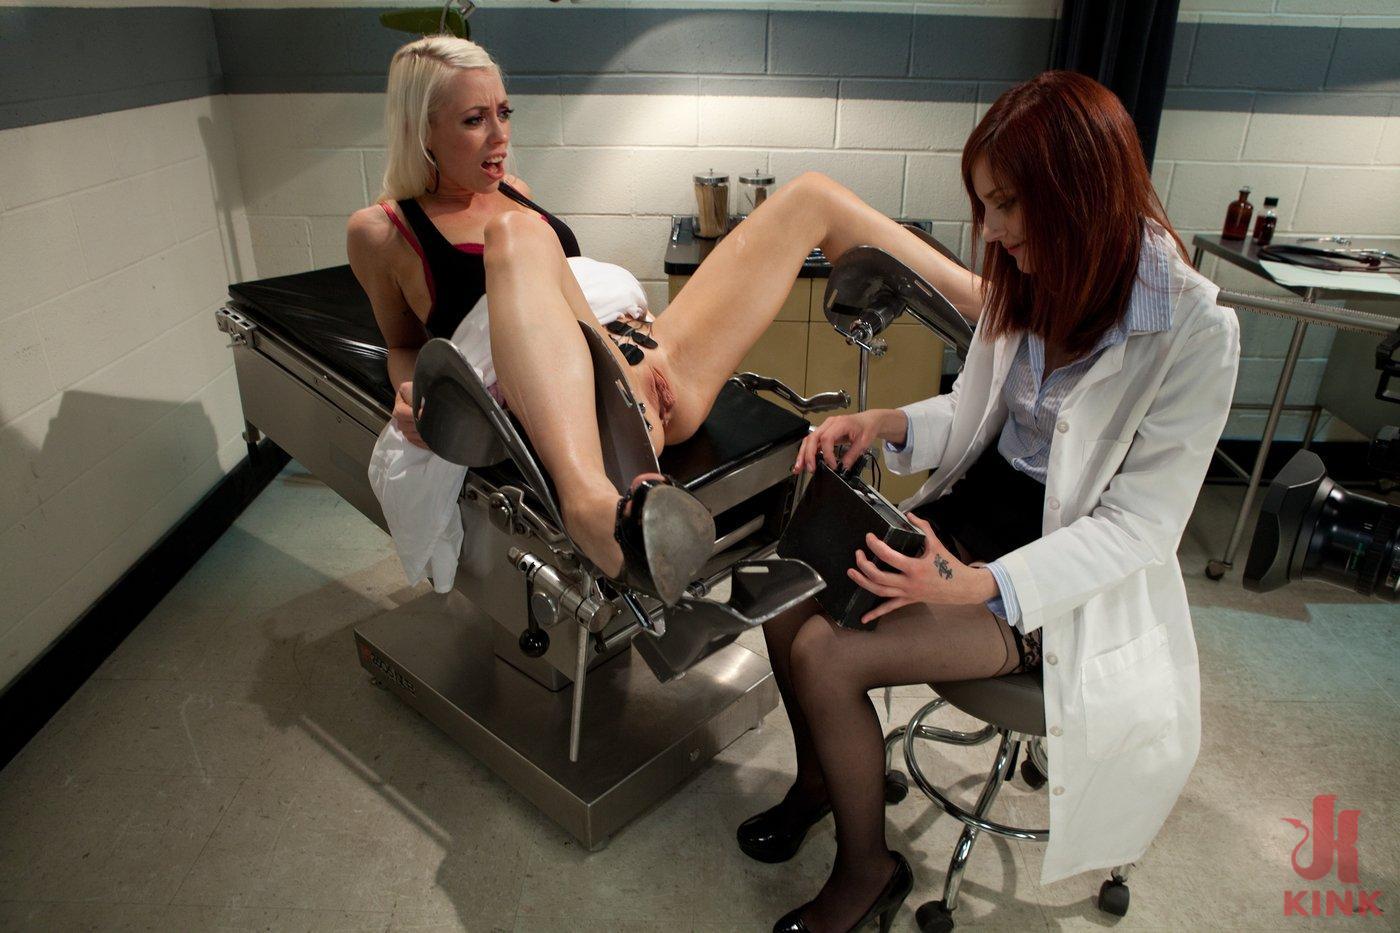 Секс фото из гинекологического кресла, большие задницы и голые пизды